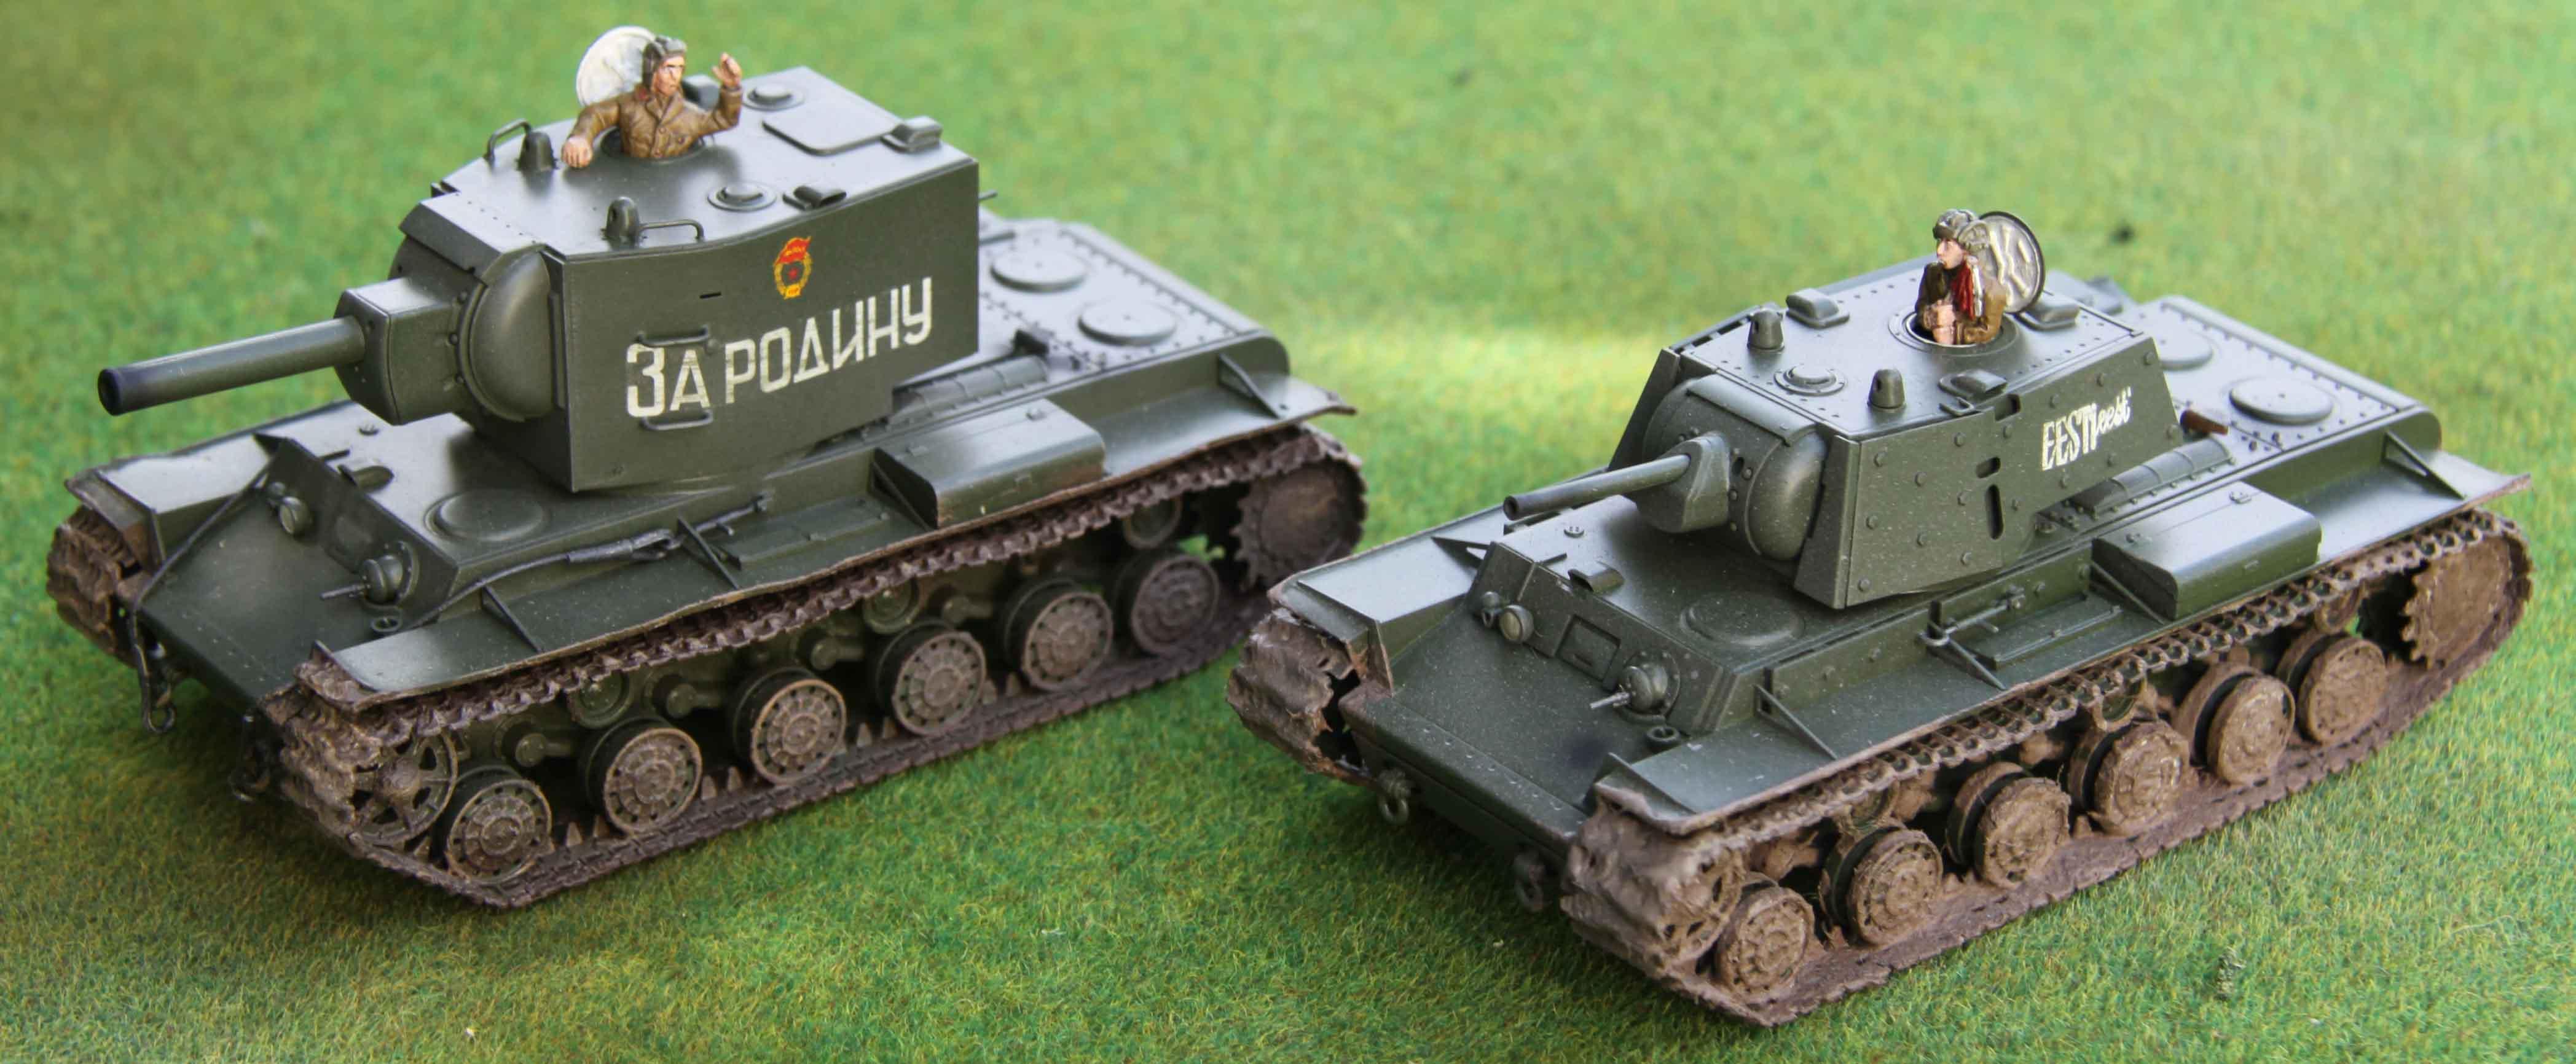 ww ii soviets part 2 tanks tanks and even more tanks dhcwargamesblog. Black Bedroom Furniture Sets. Home Design Ideas